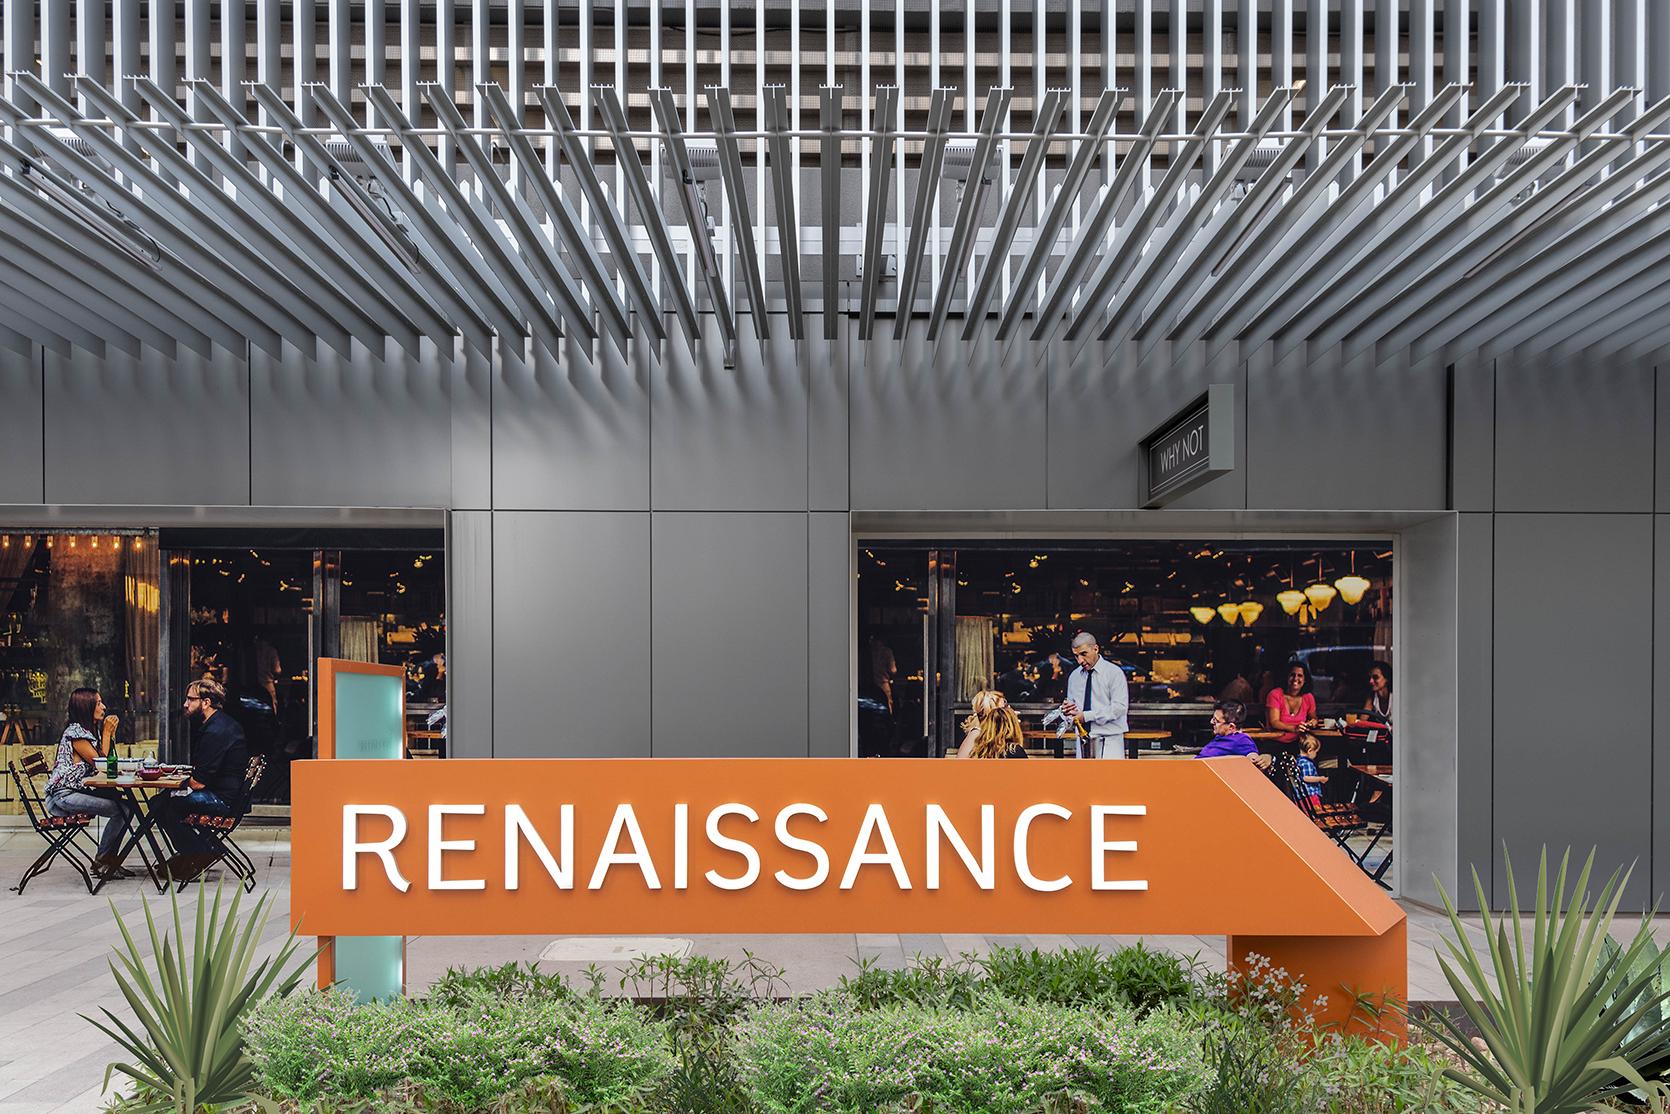 Renaissance Phoenix Hotel-17.png